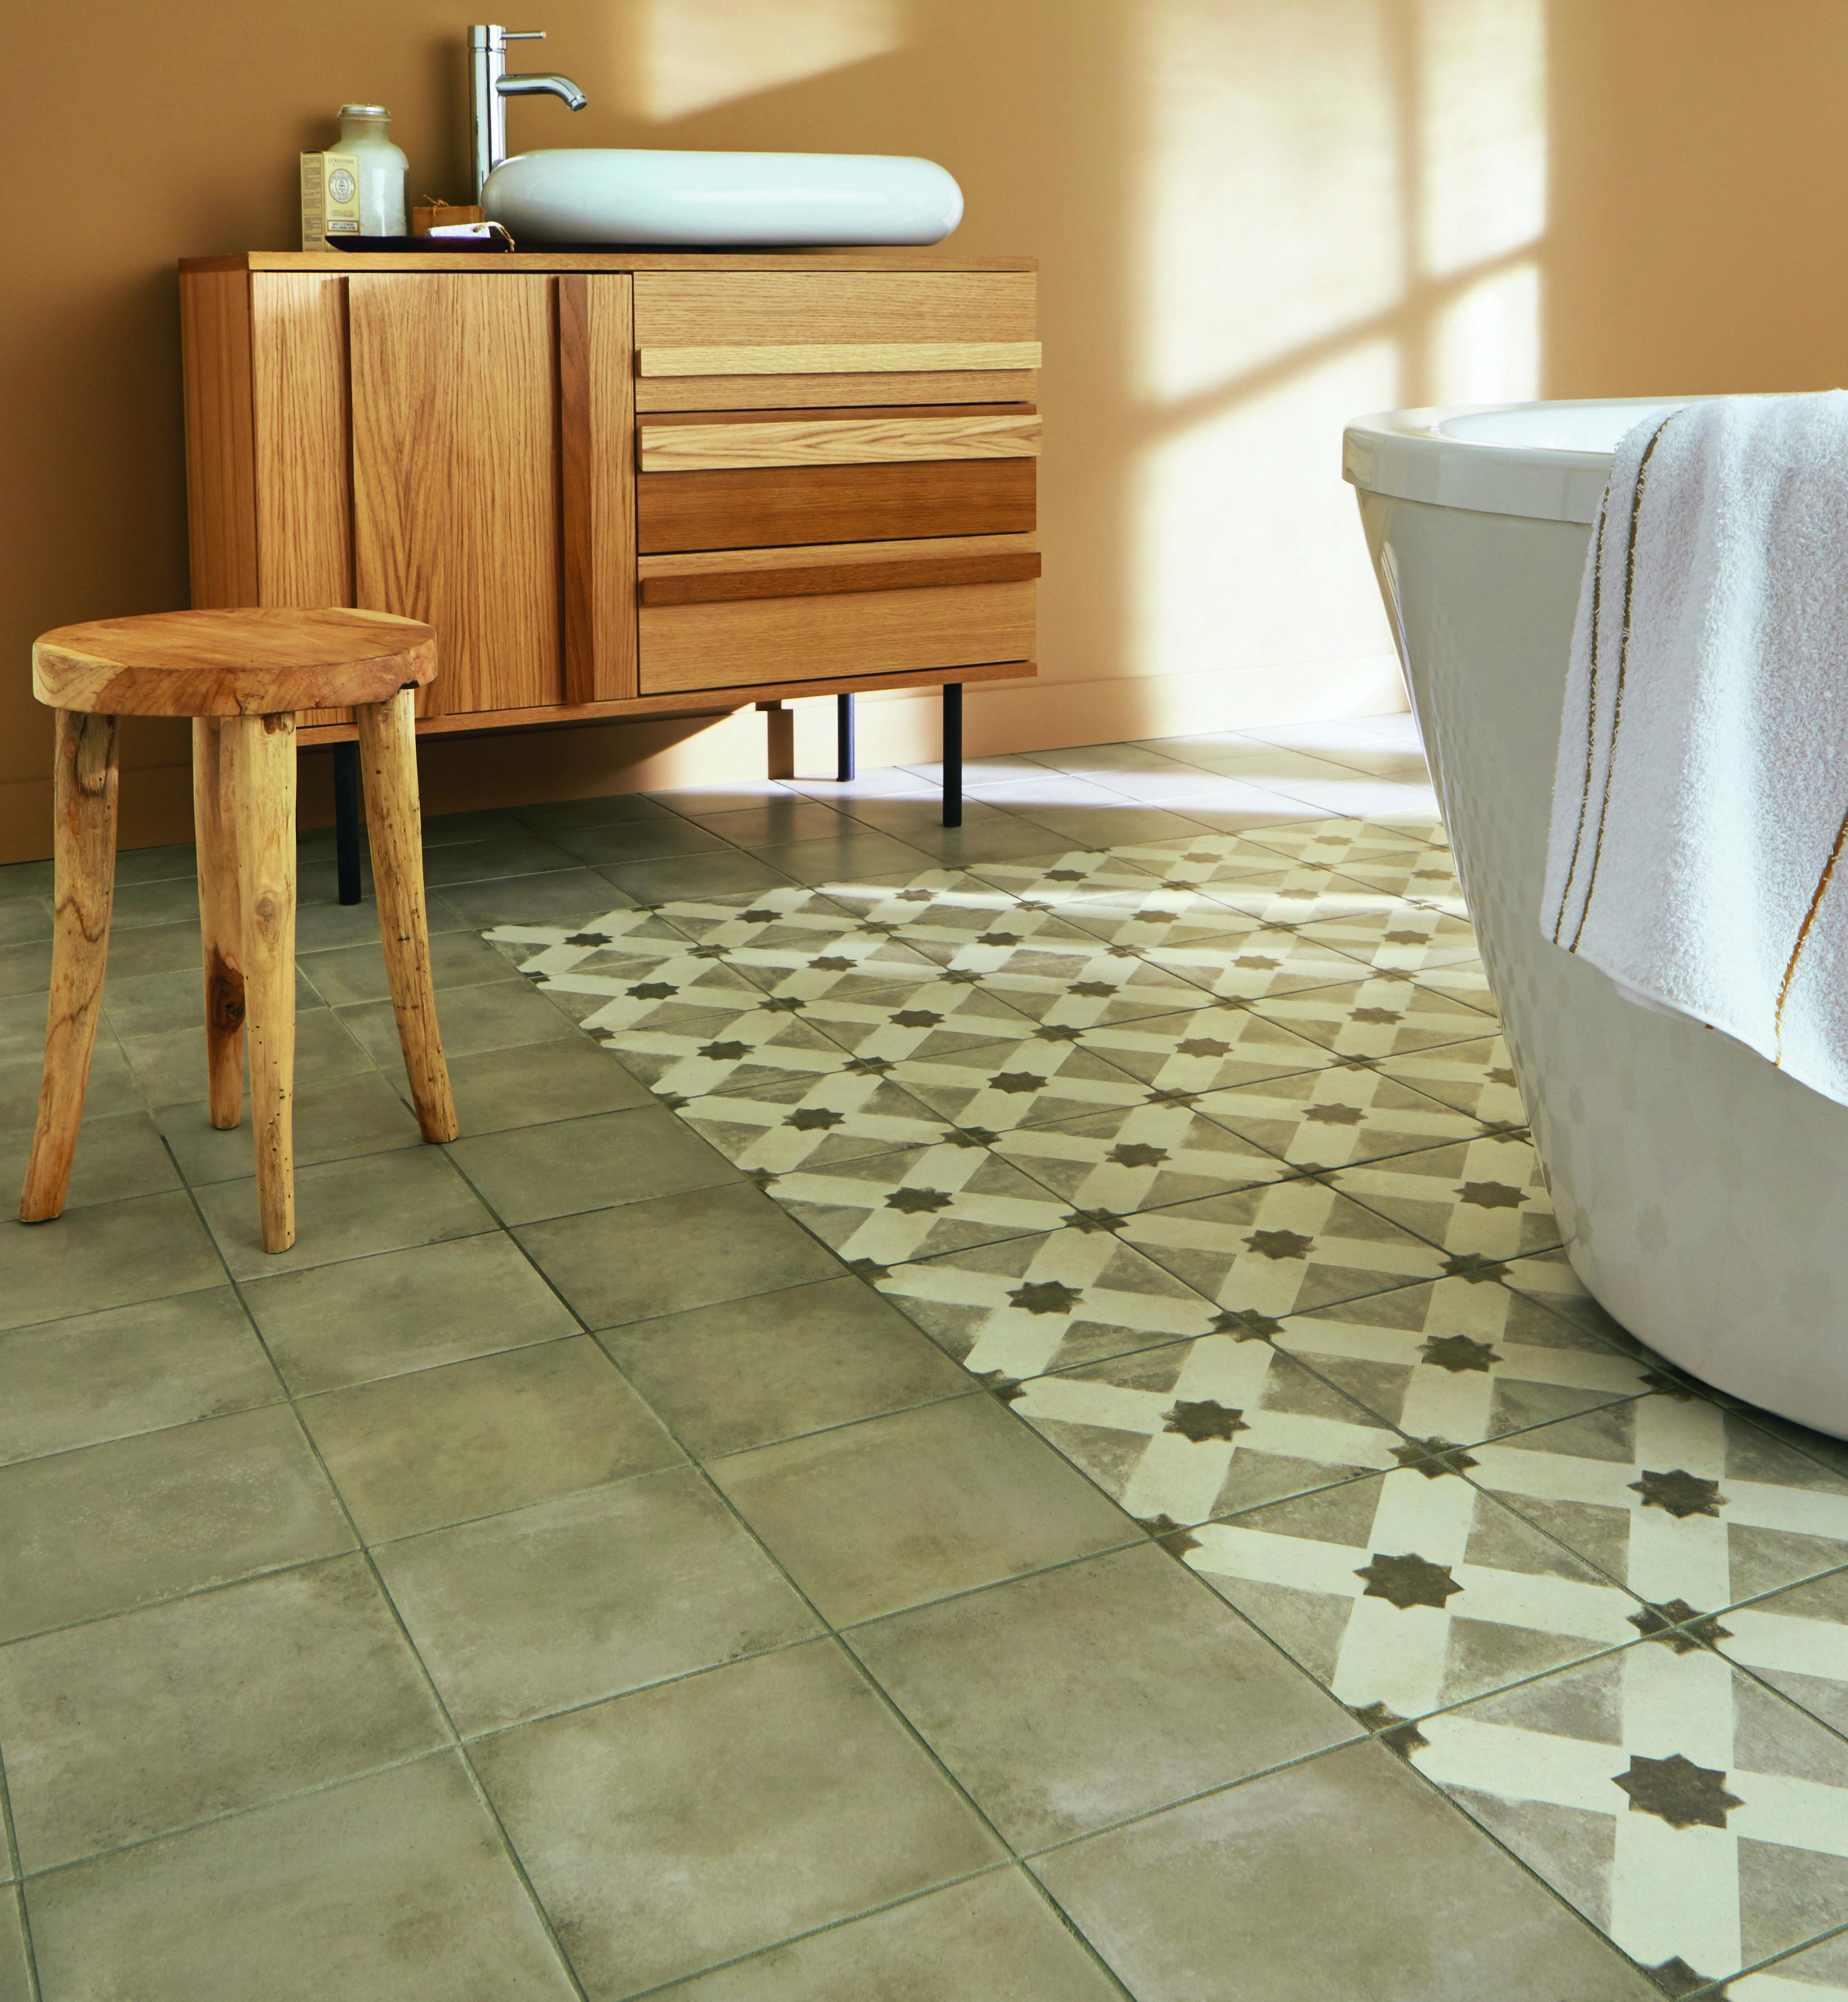 Carrelage casual aspect carreaux de ciment toile dim 20 - Comment poser du carrelage salle de bain ...